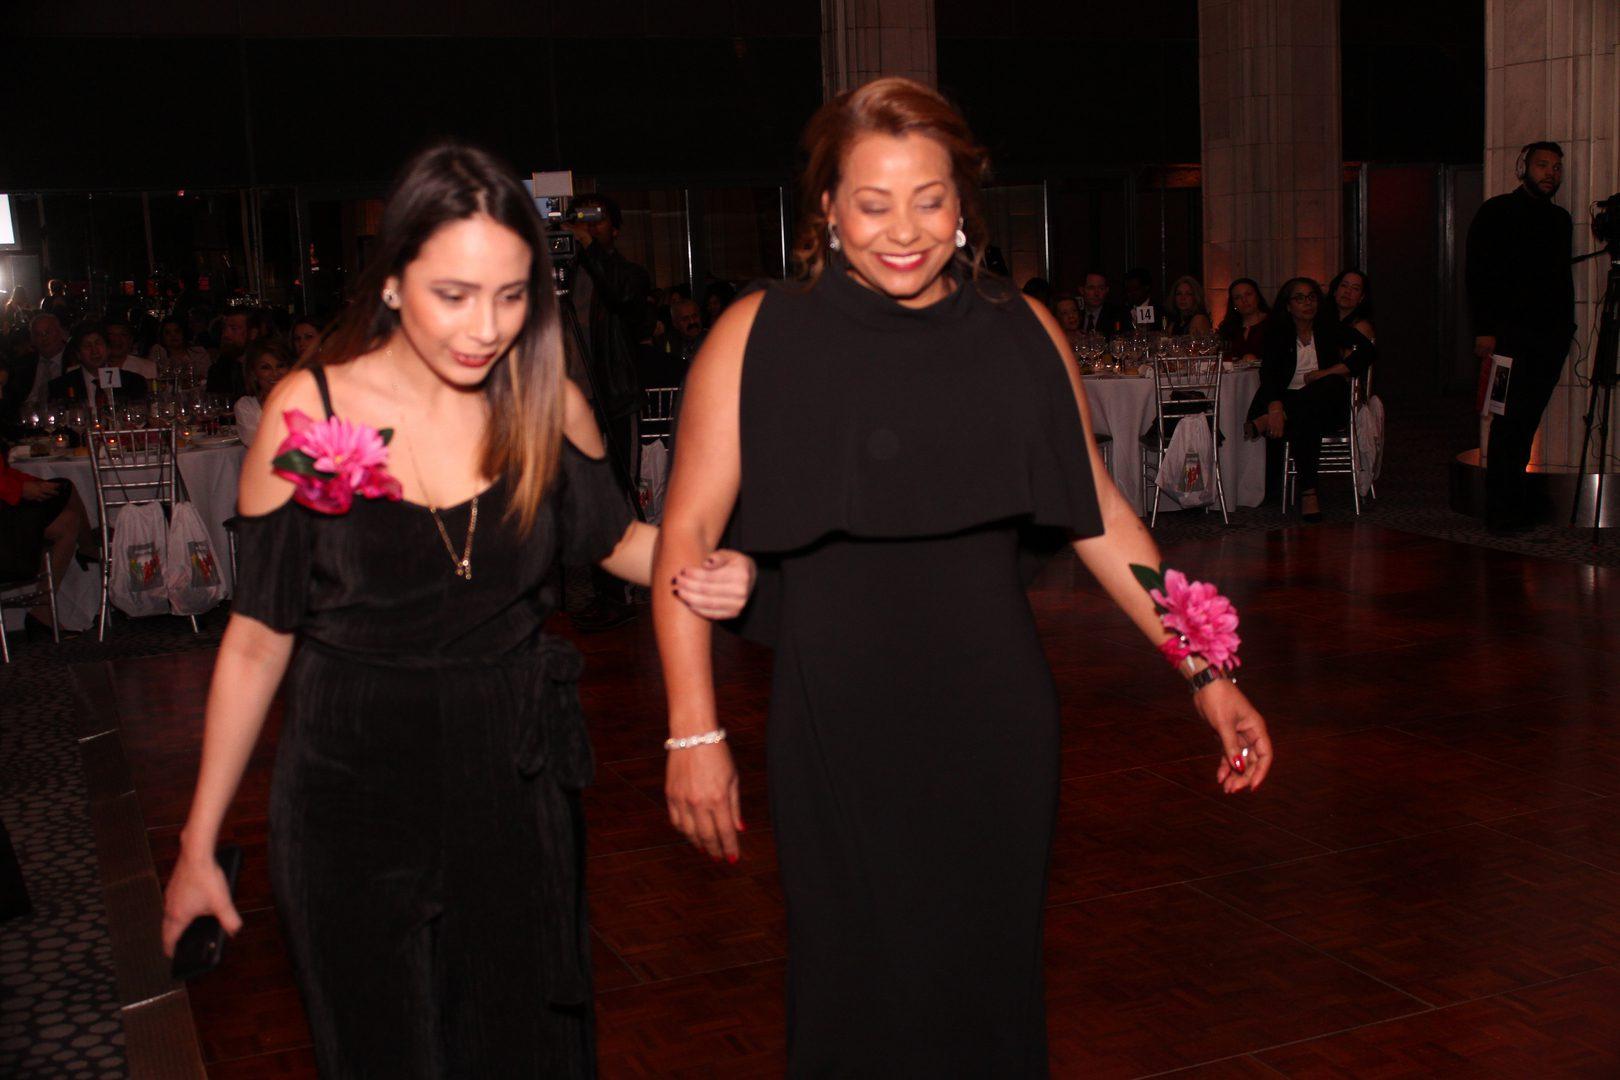 Two women in black dresses